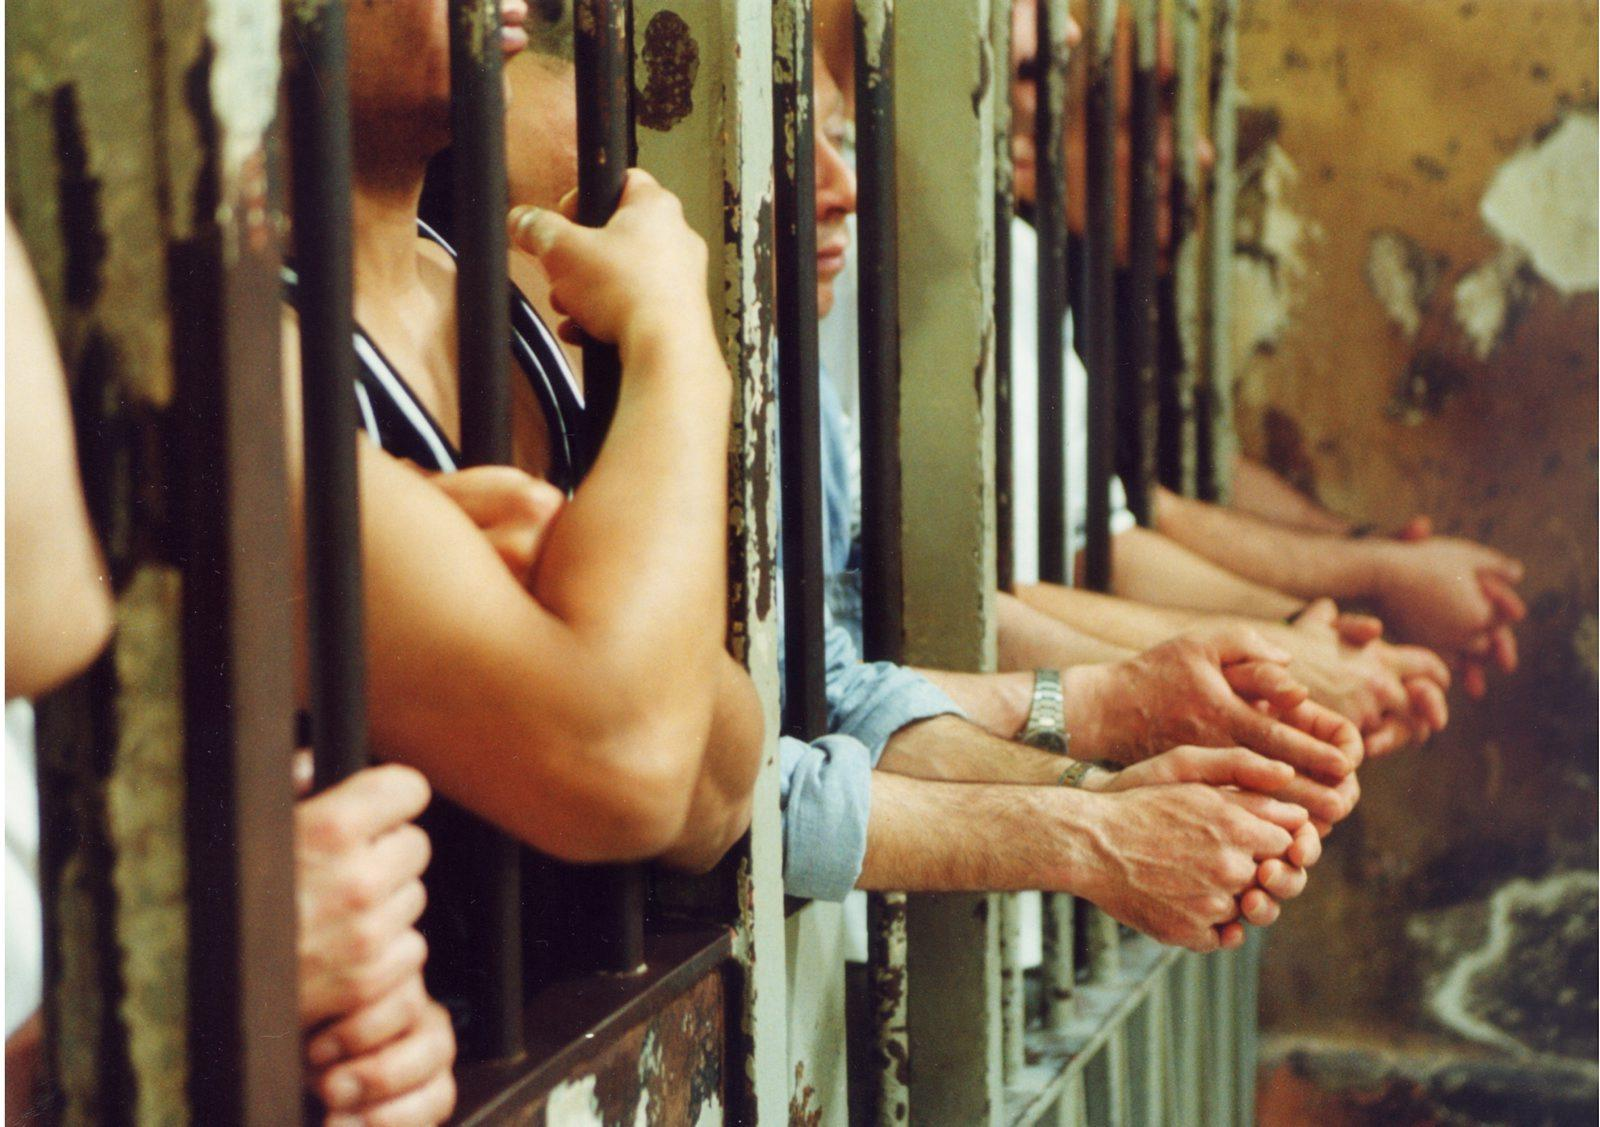 carcere-latina-generica-48976876222